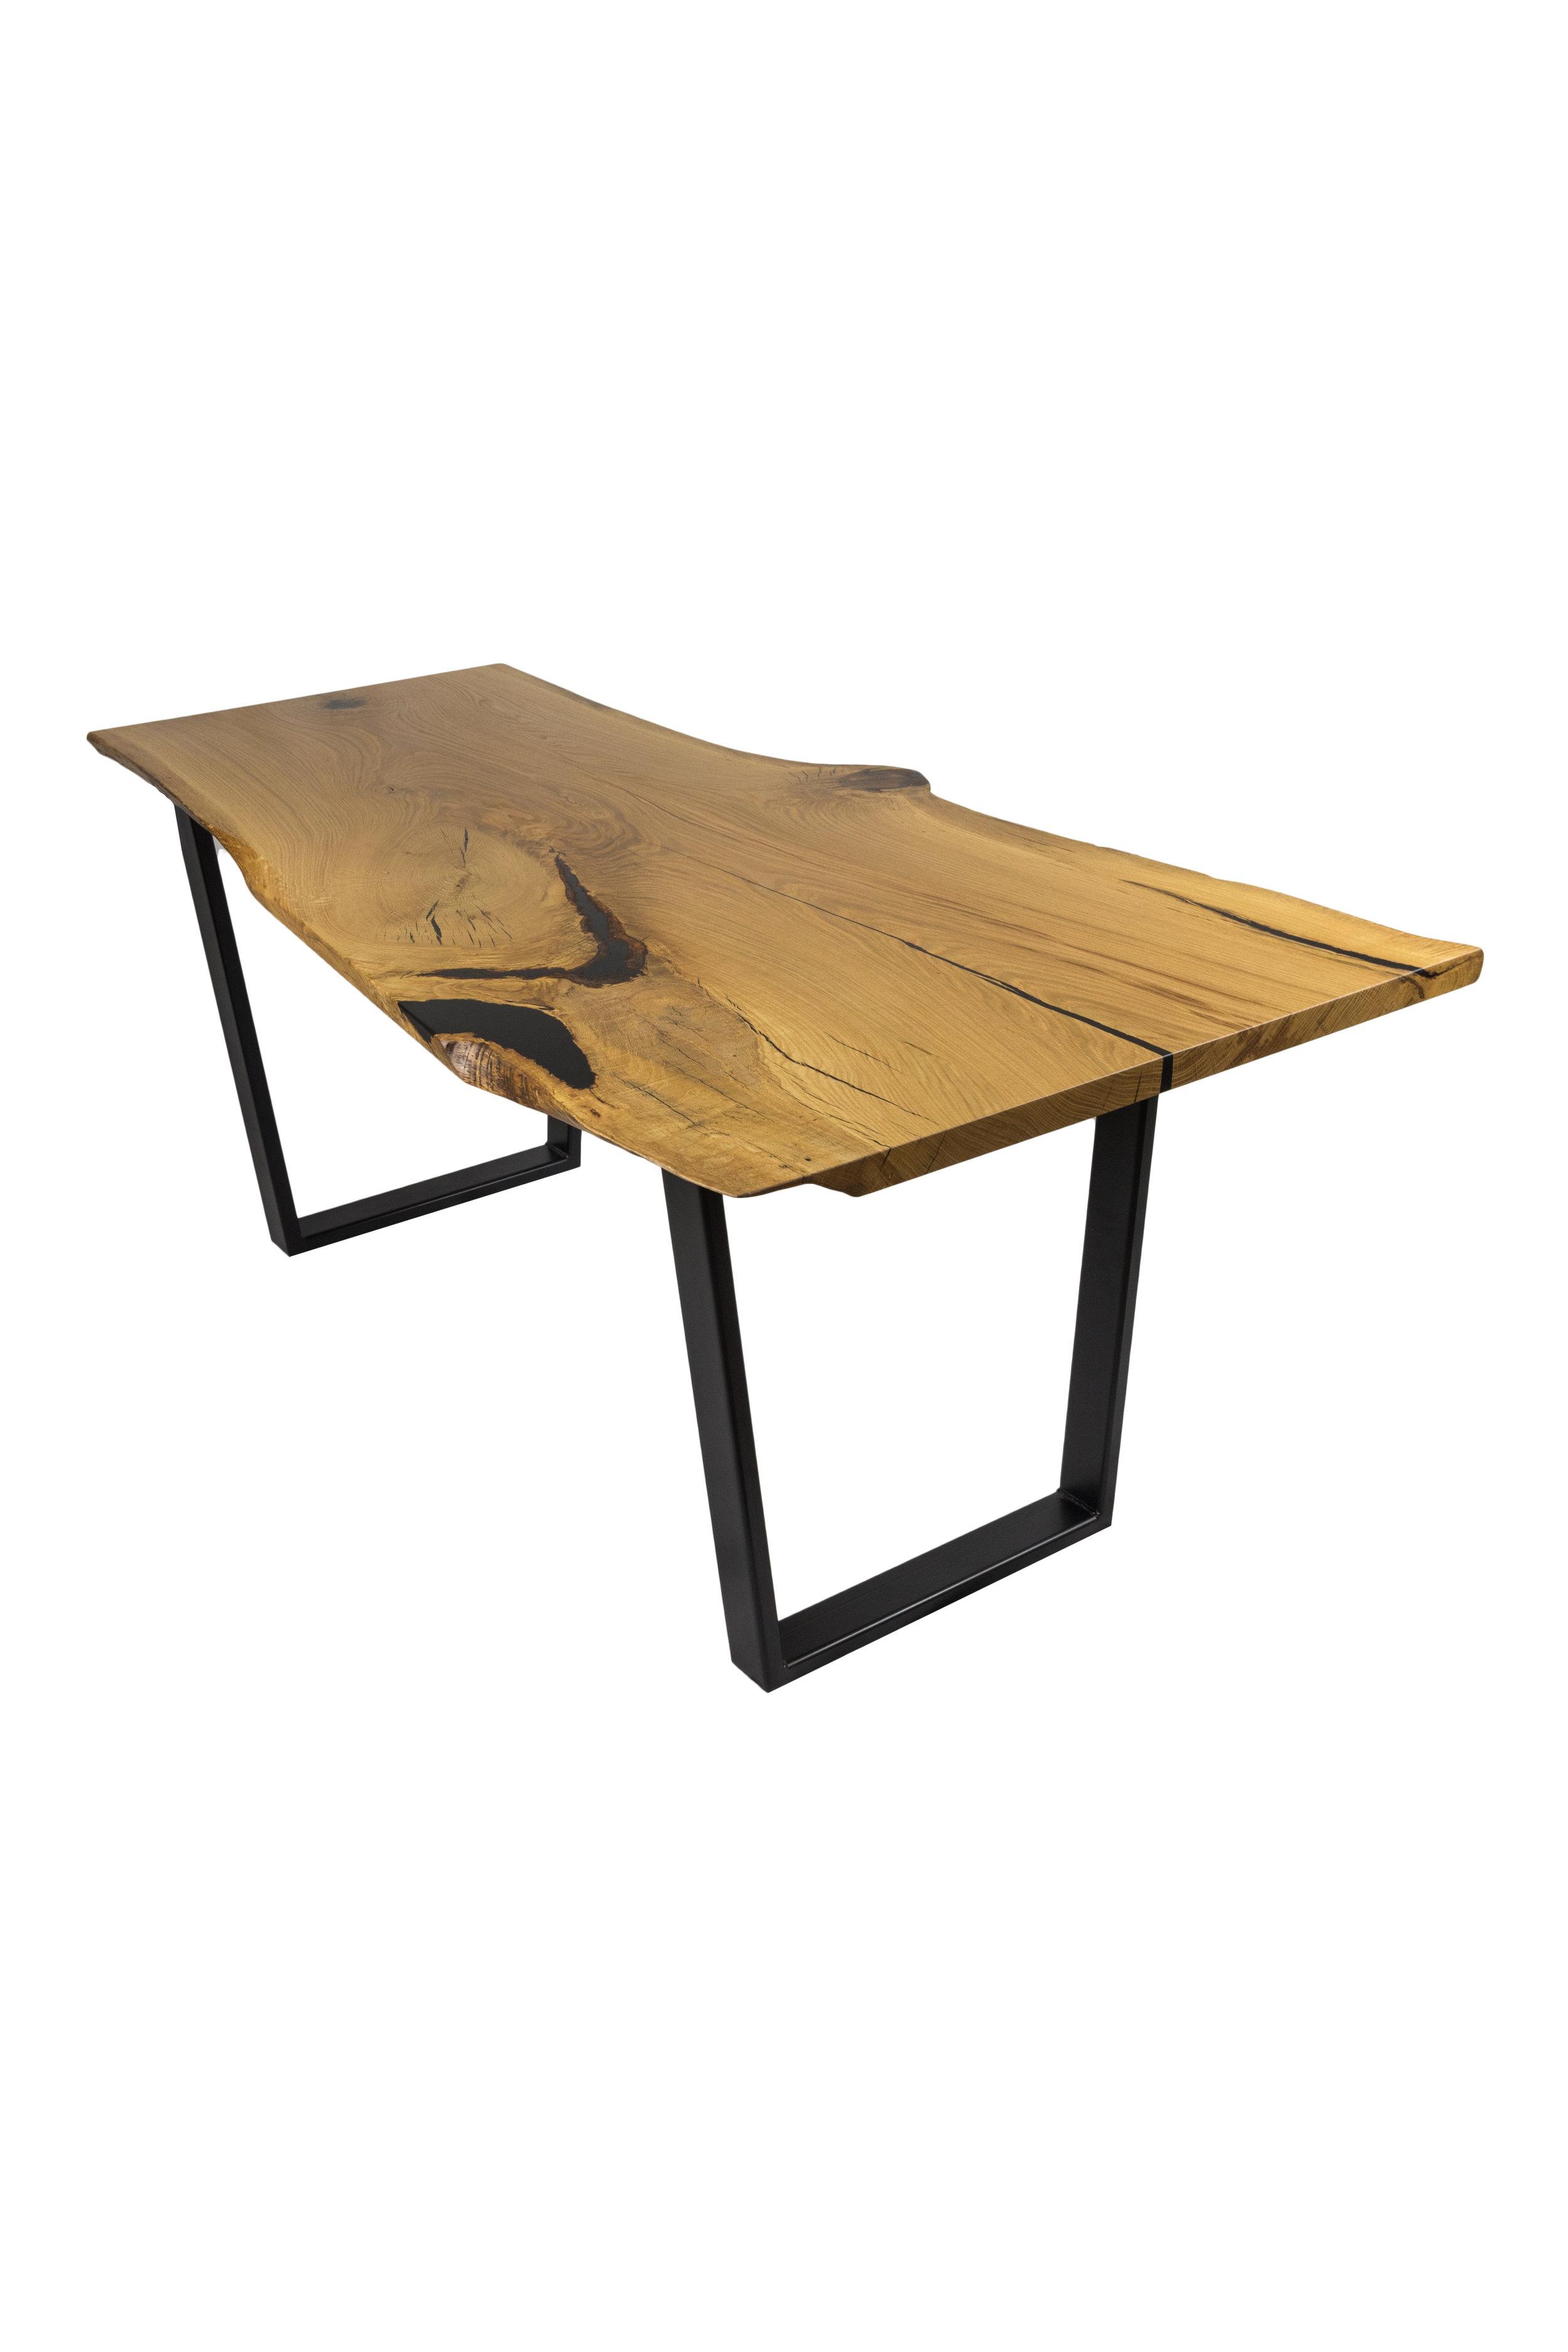 White Oak Dining Table - Custom Made In 2017